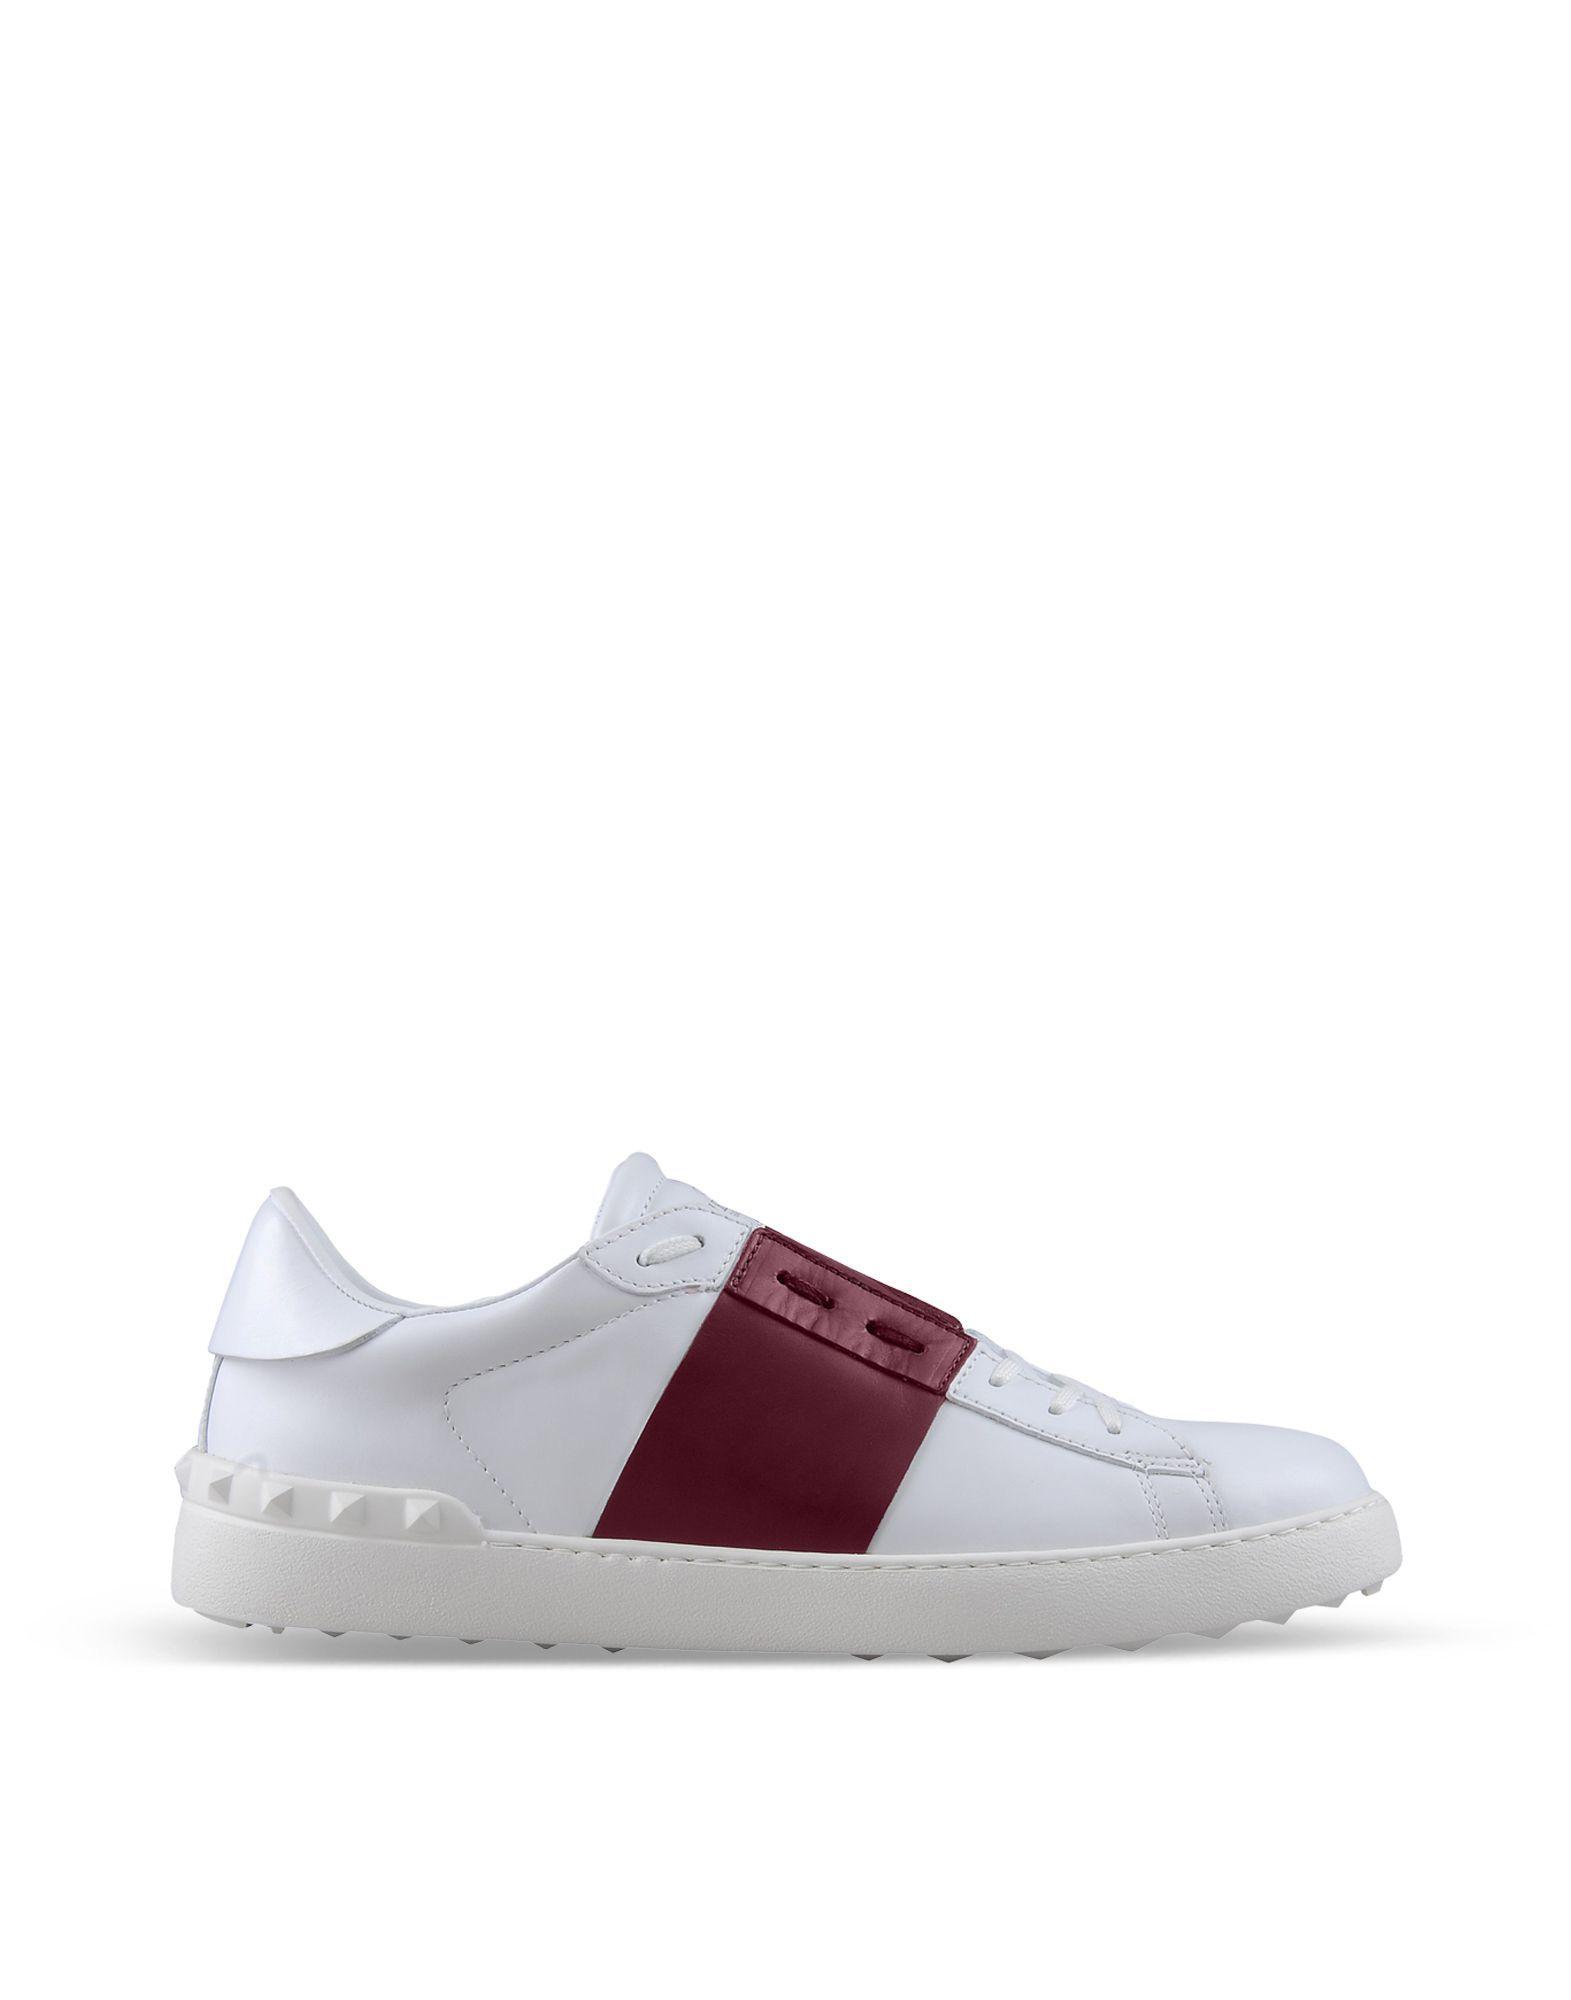 cd4852b1bf34d VALENTINO GARAVANI UOMO - Sneaker Uomo - Scarpe Uomo su Valentino Online  Boutique